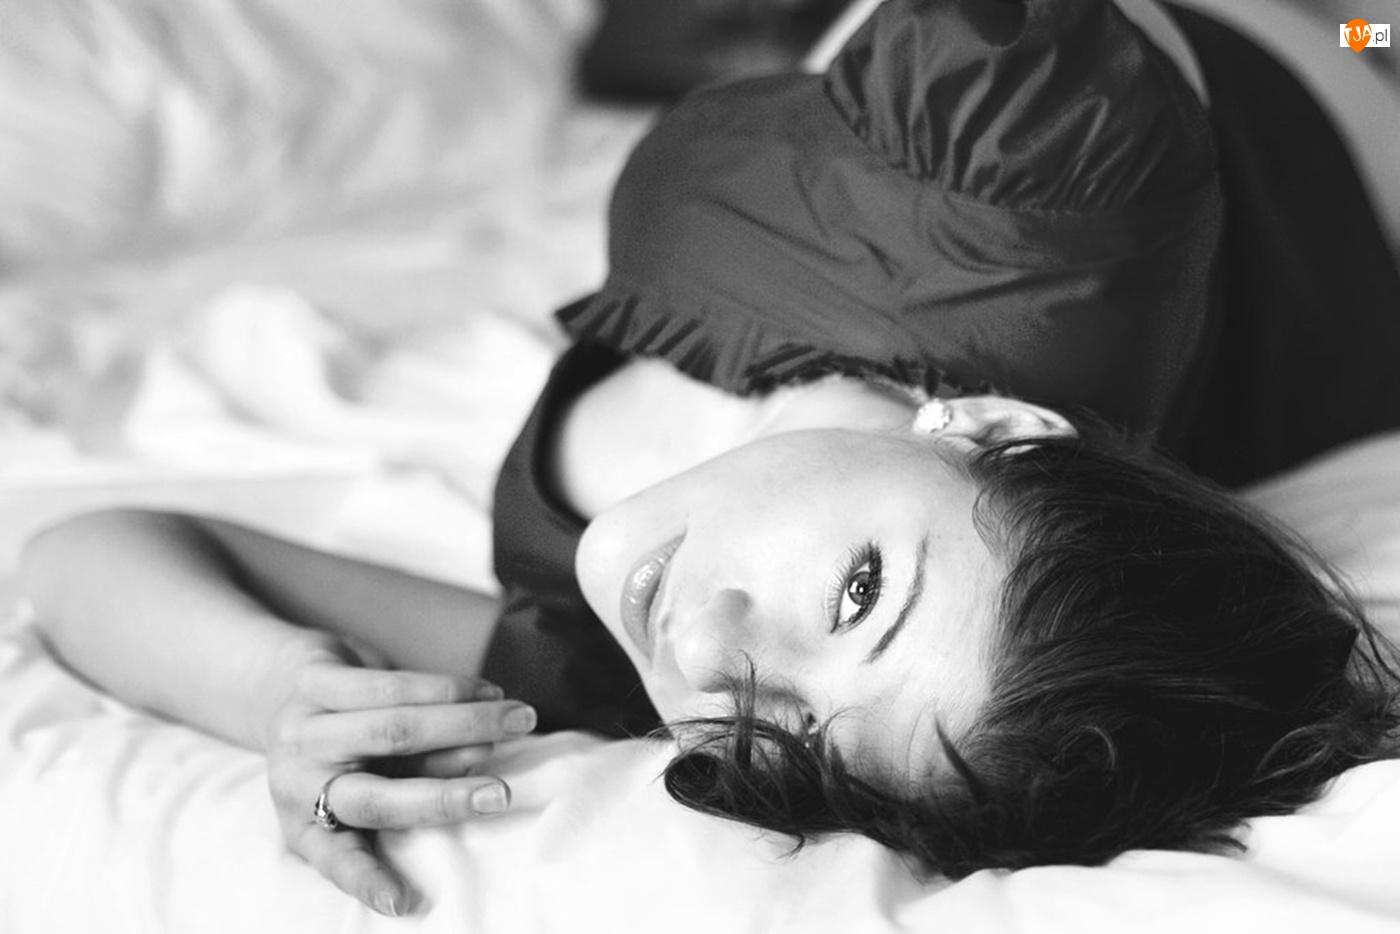 Łóżko, Kobieta, Brunetka